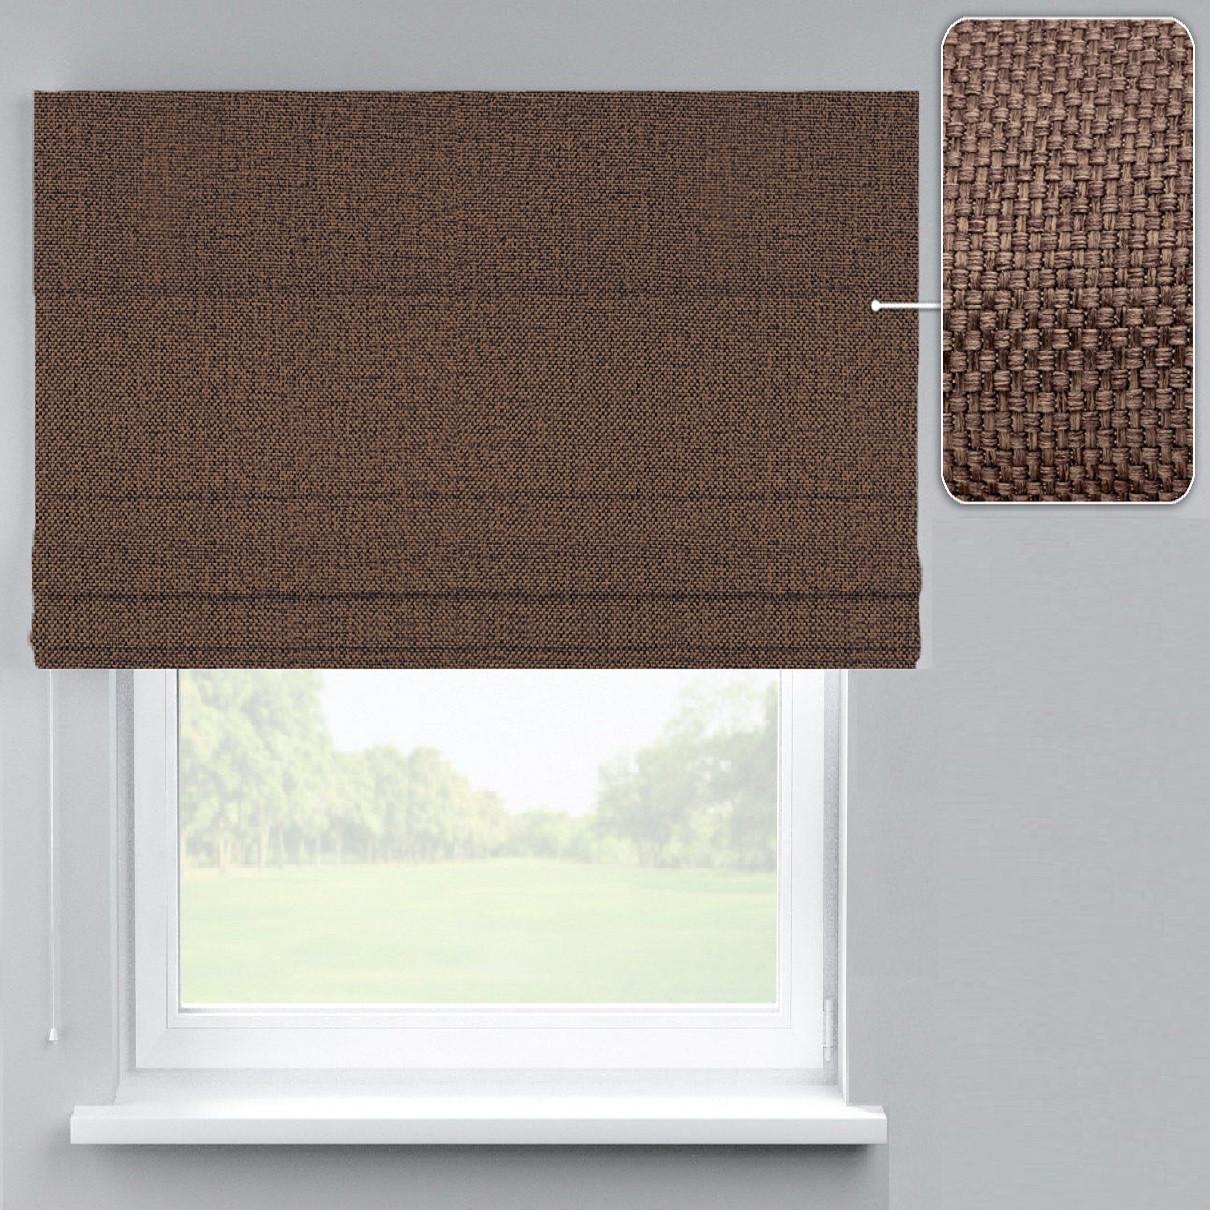 Римская штора Рогожка Димаут ореховый коричневый